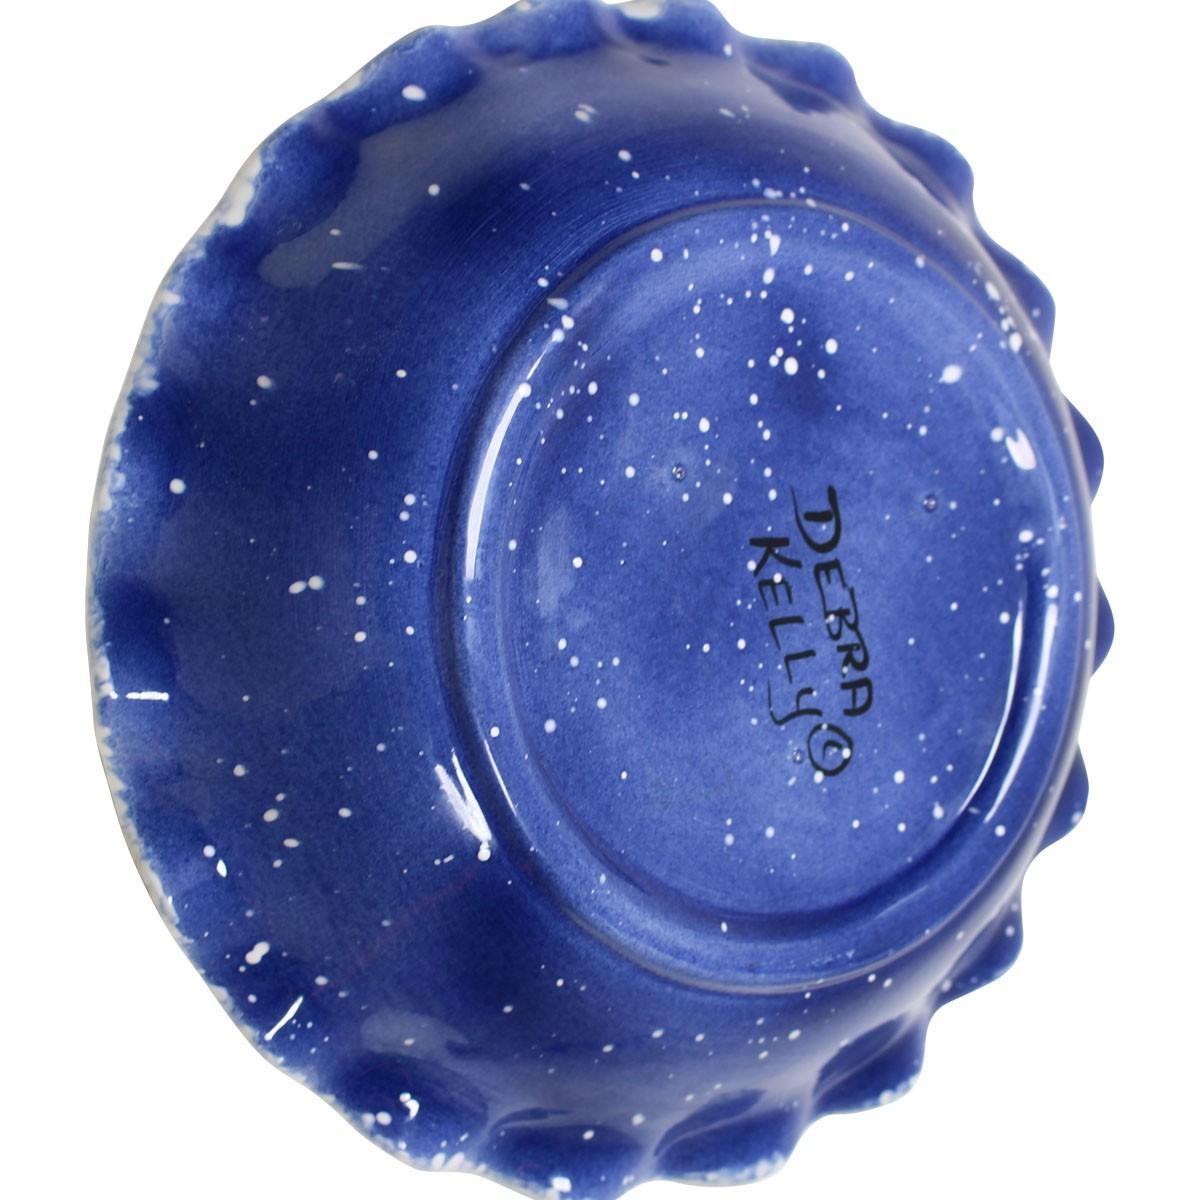 Pie Plate Snowman Blue Ceramic Plate Debra Kelly Pie Plate Pie Plates Decorative Pie Plate